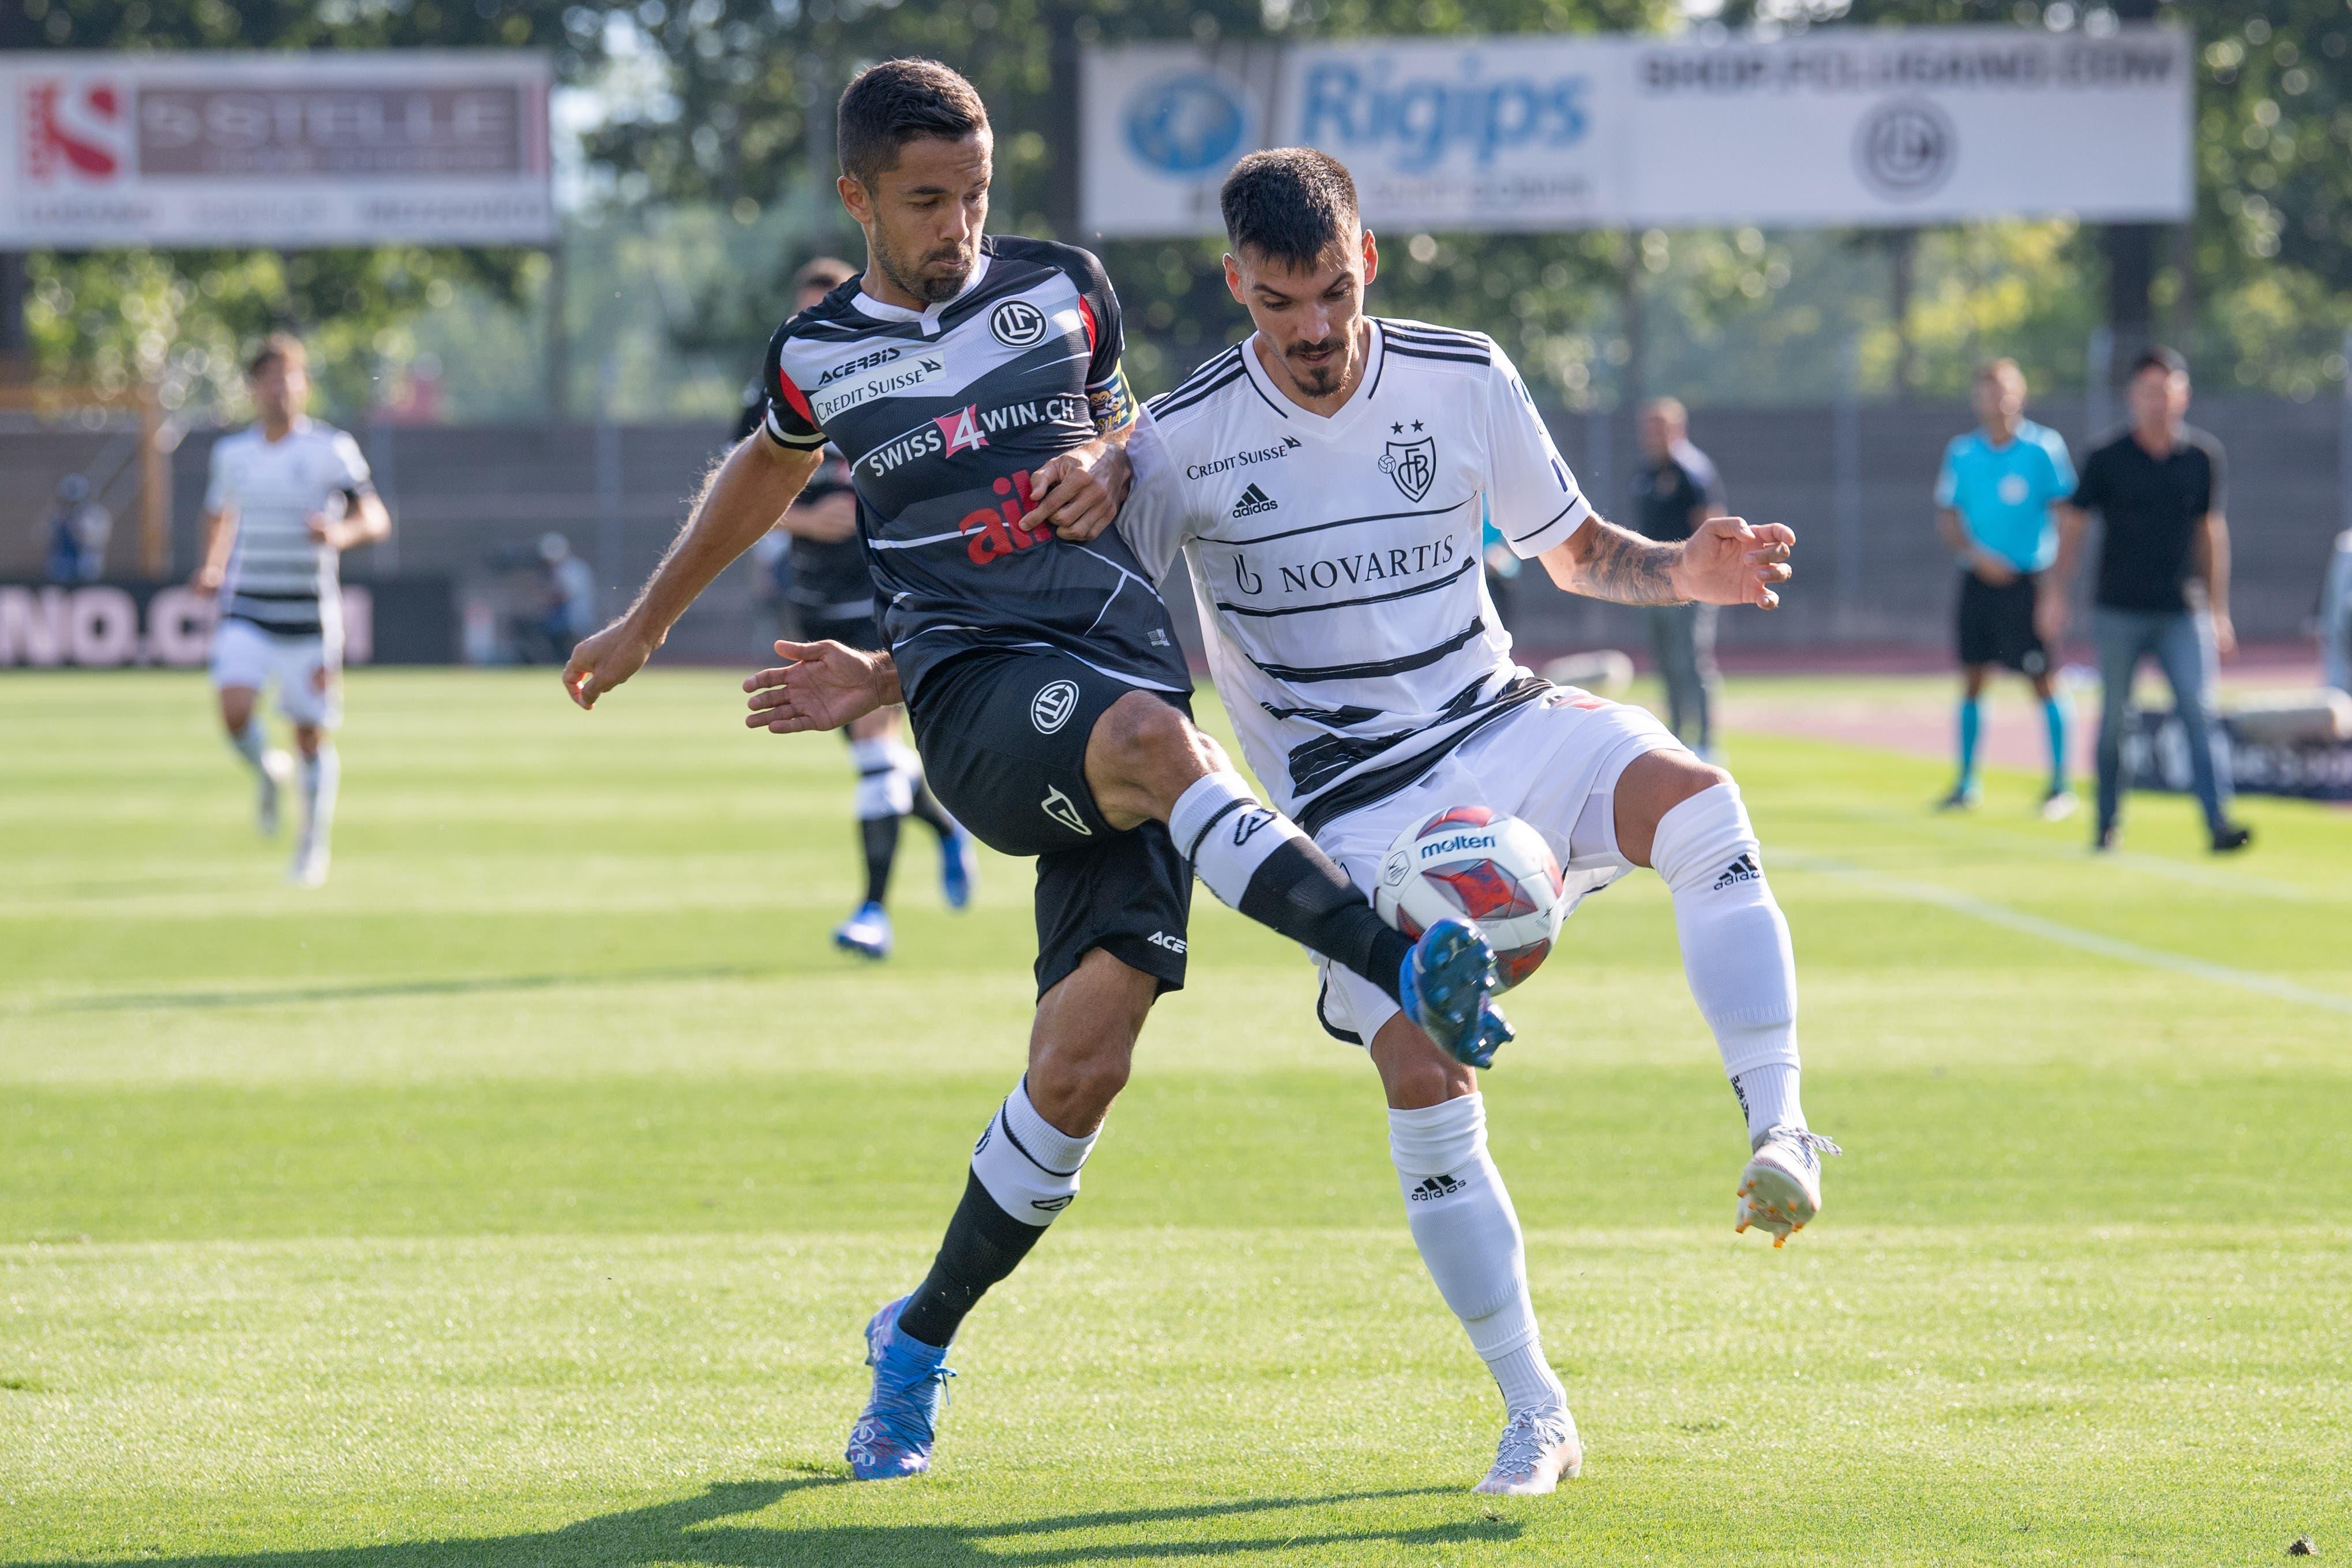 Der FCB muss im Tessin viele Zweikämpfe bestreiten. Hier bekommt es Raoul Petretta mit Jonathan Sabbatini zu tun.